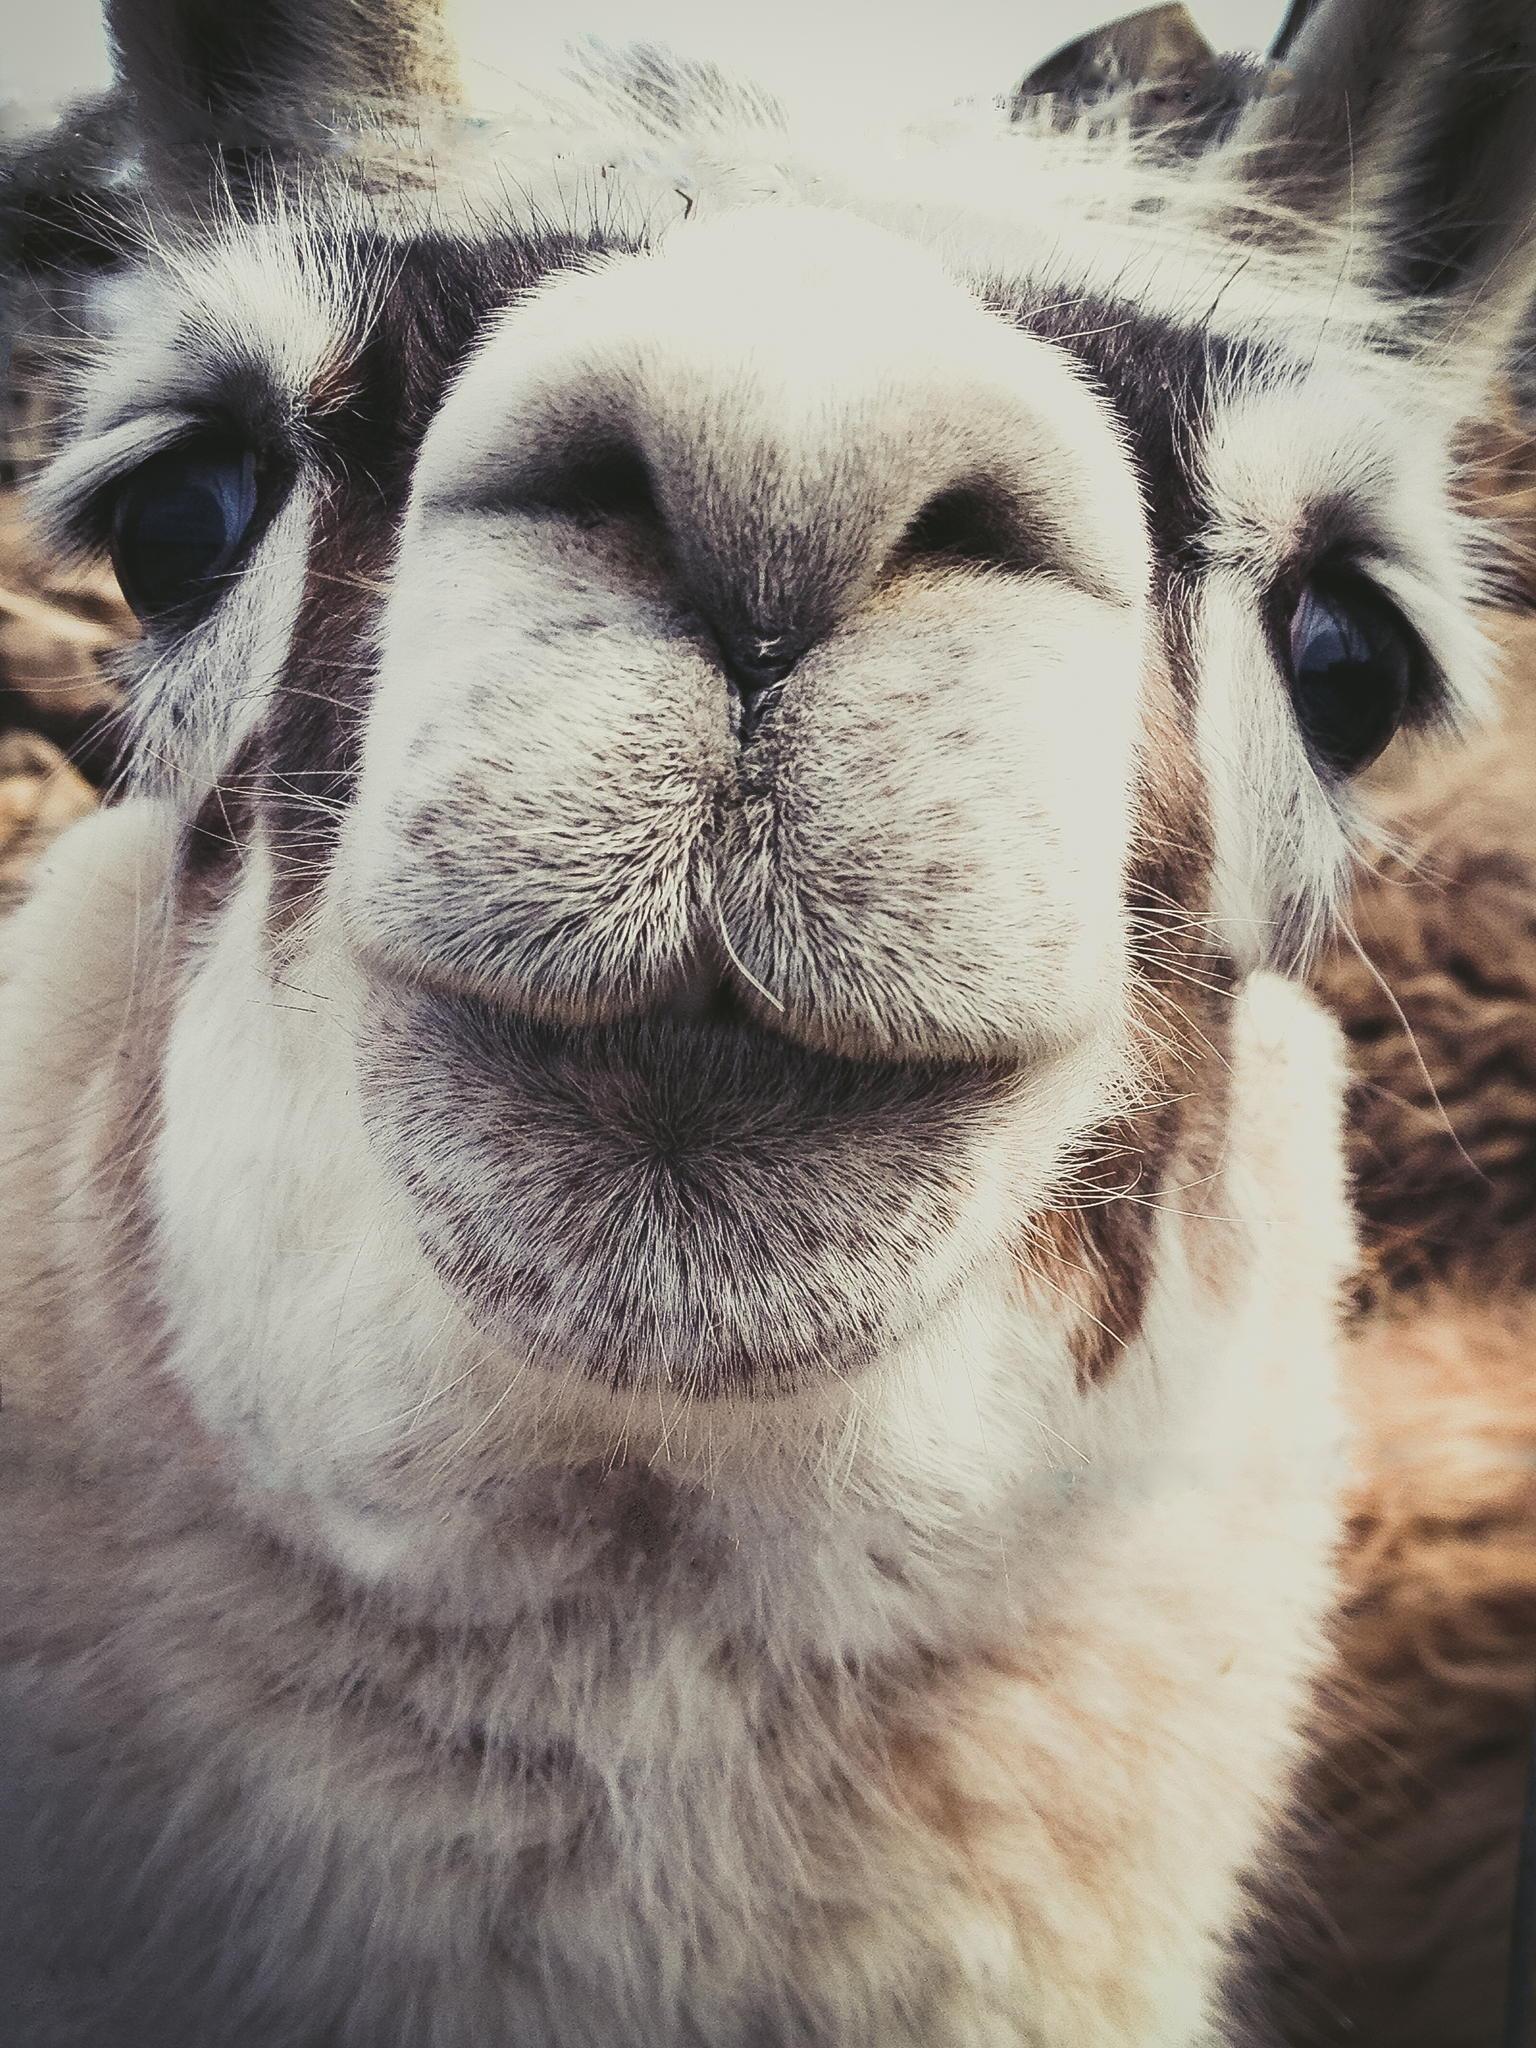 37 фотографий животных, которые вызывают улыбку - 2